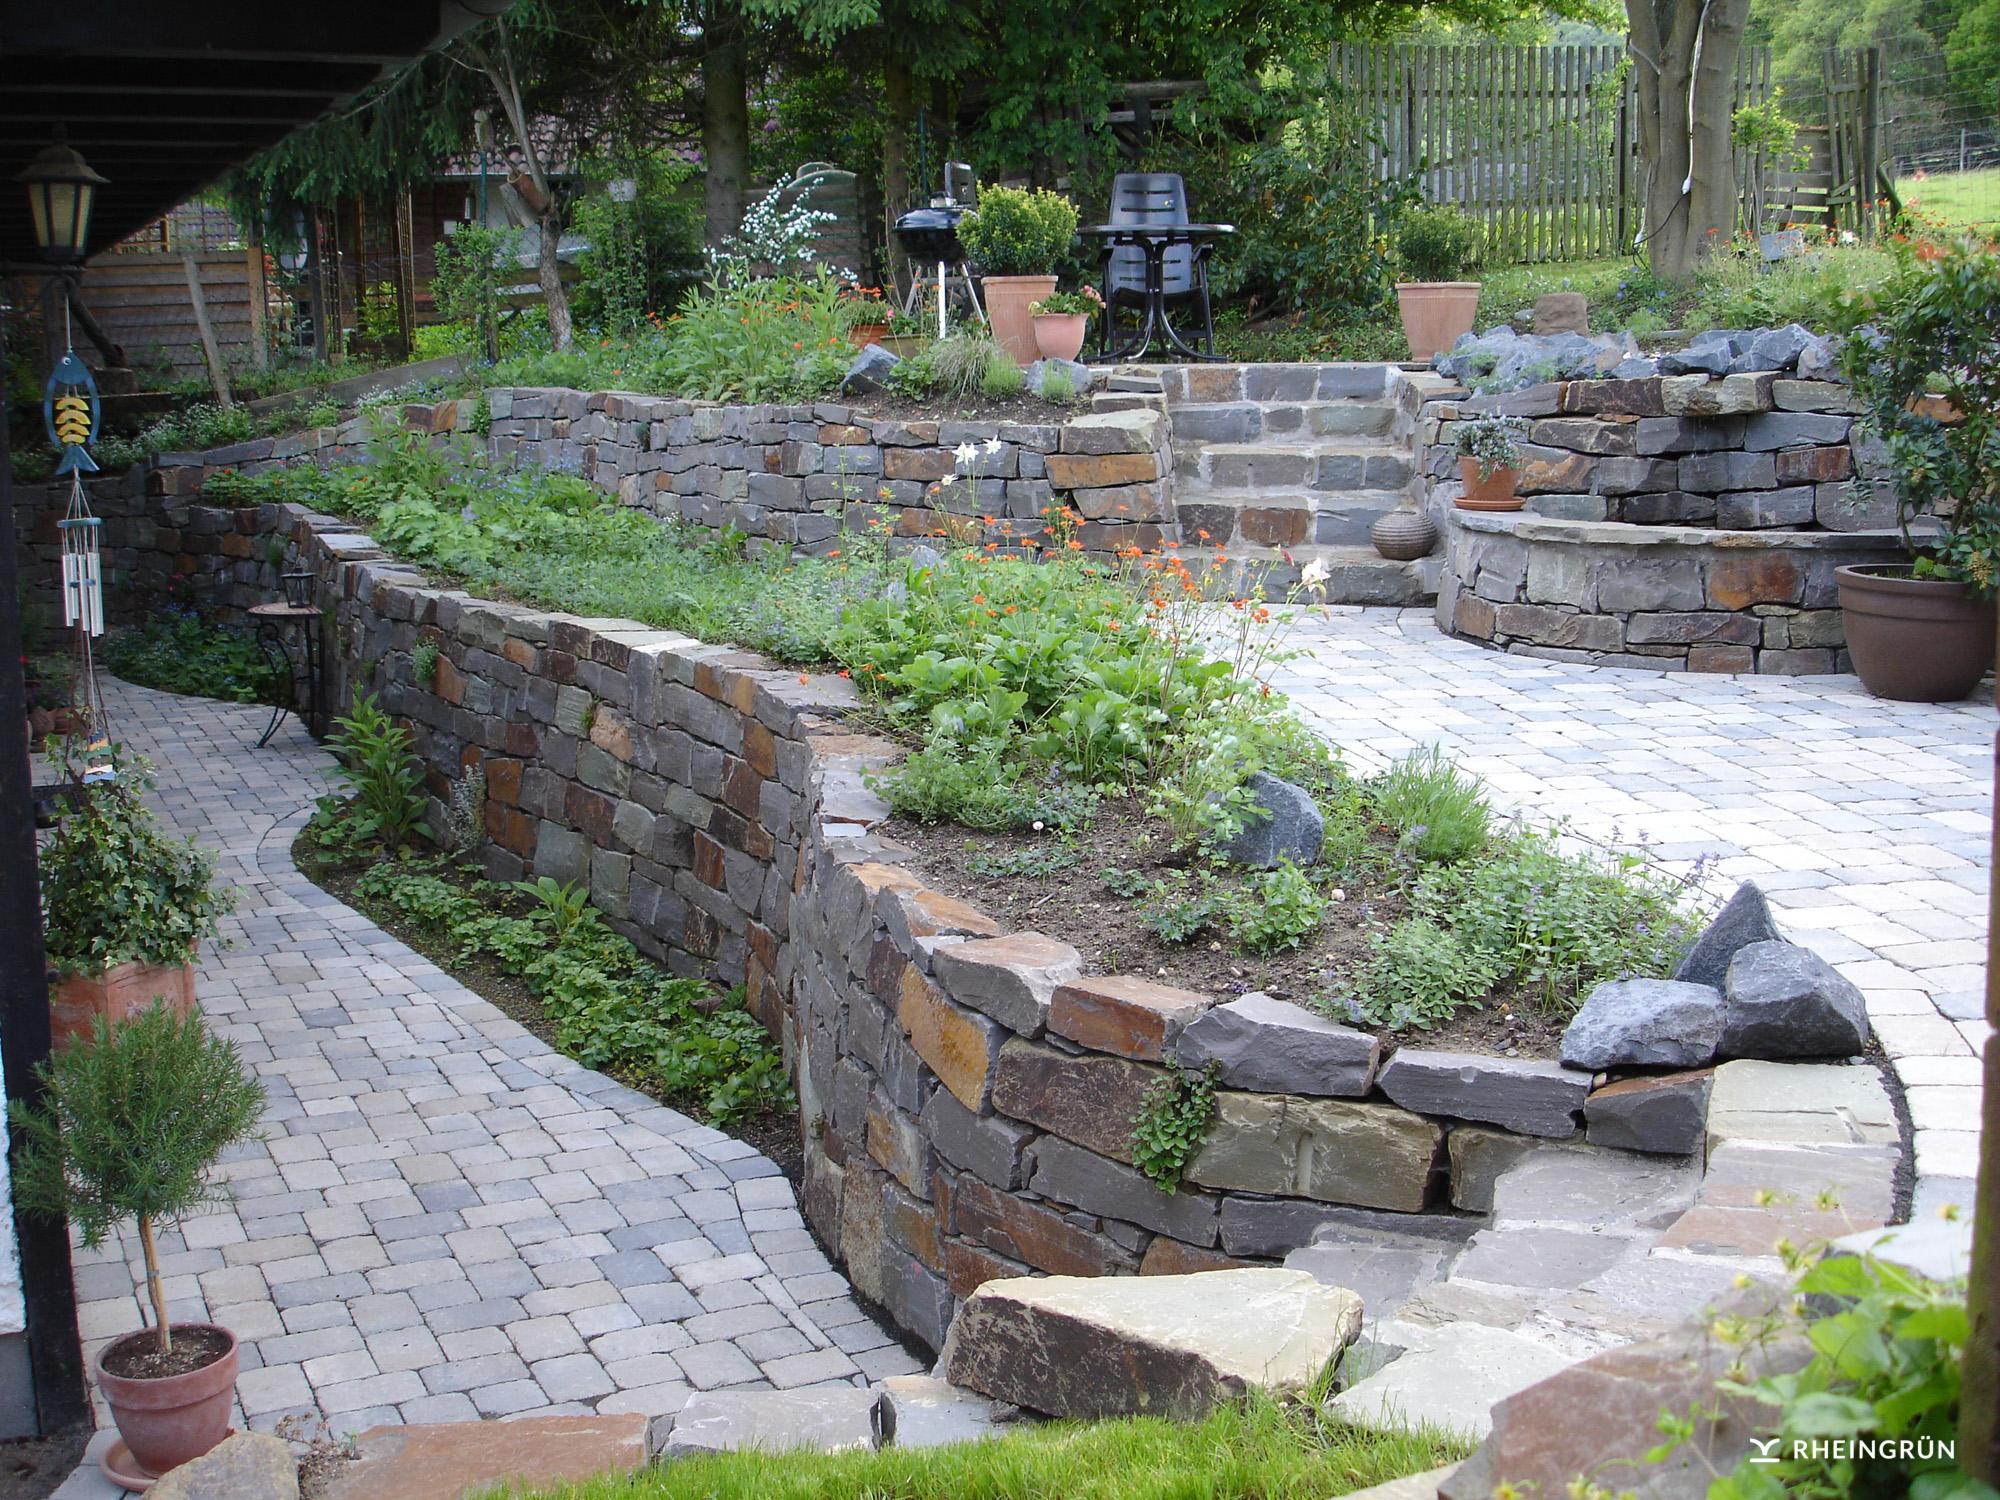 Verwunschener Kräutergarten mit Brunnen und Hochbeet aus Naturstein